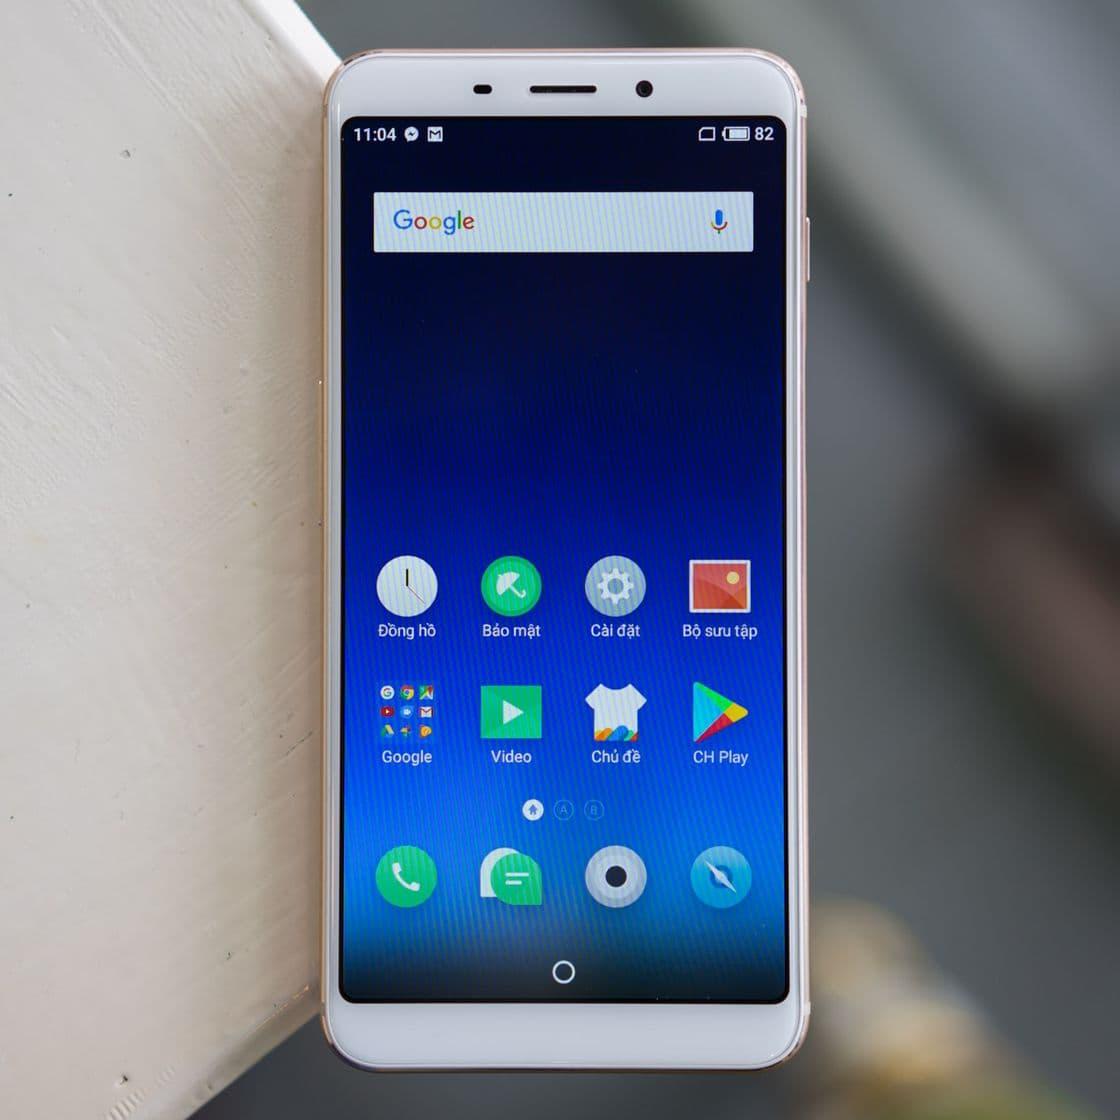 Meizu M6s Buy Smartphone Compare Prices In Stores Meizu